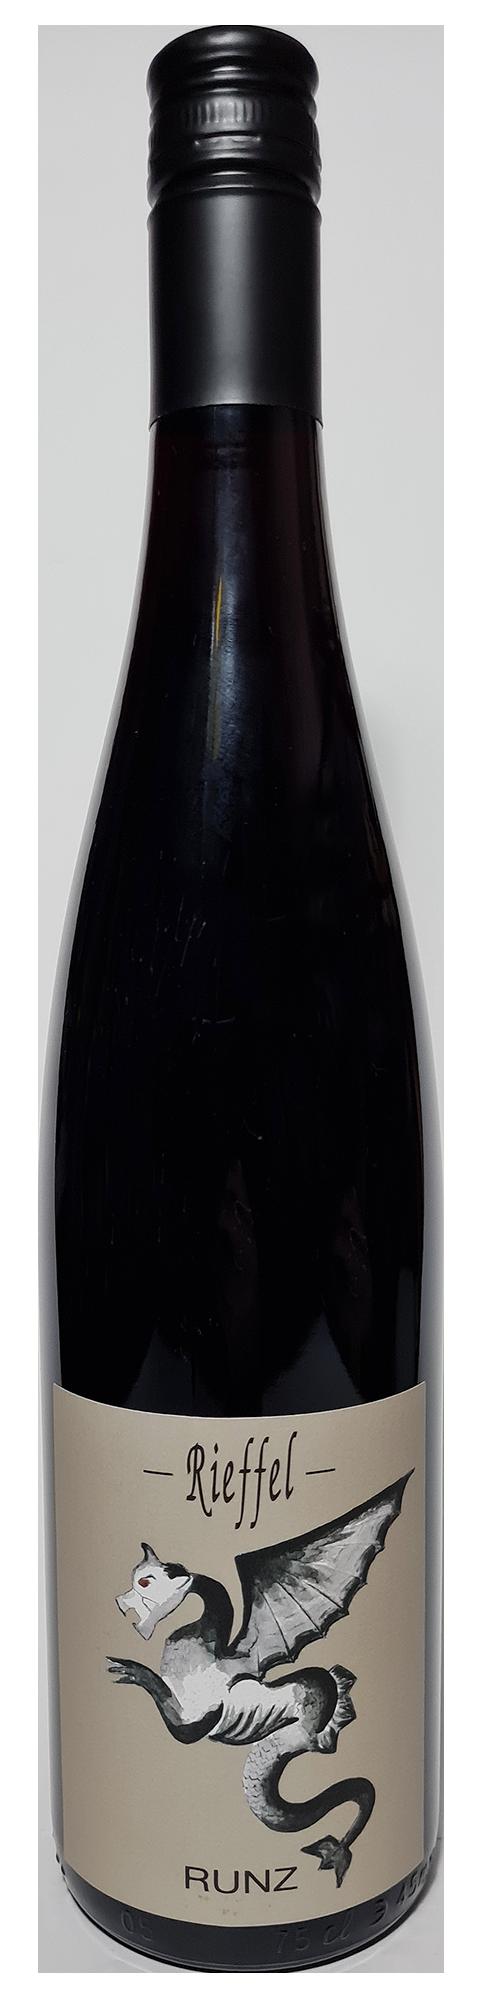 Bouteille de vin rouge Pinot Noir Runz 2019 Domaine Rieffel